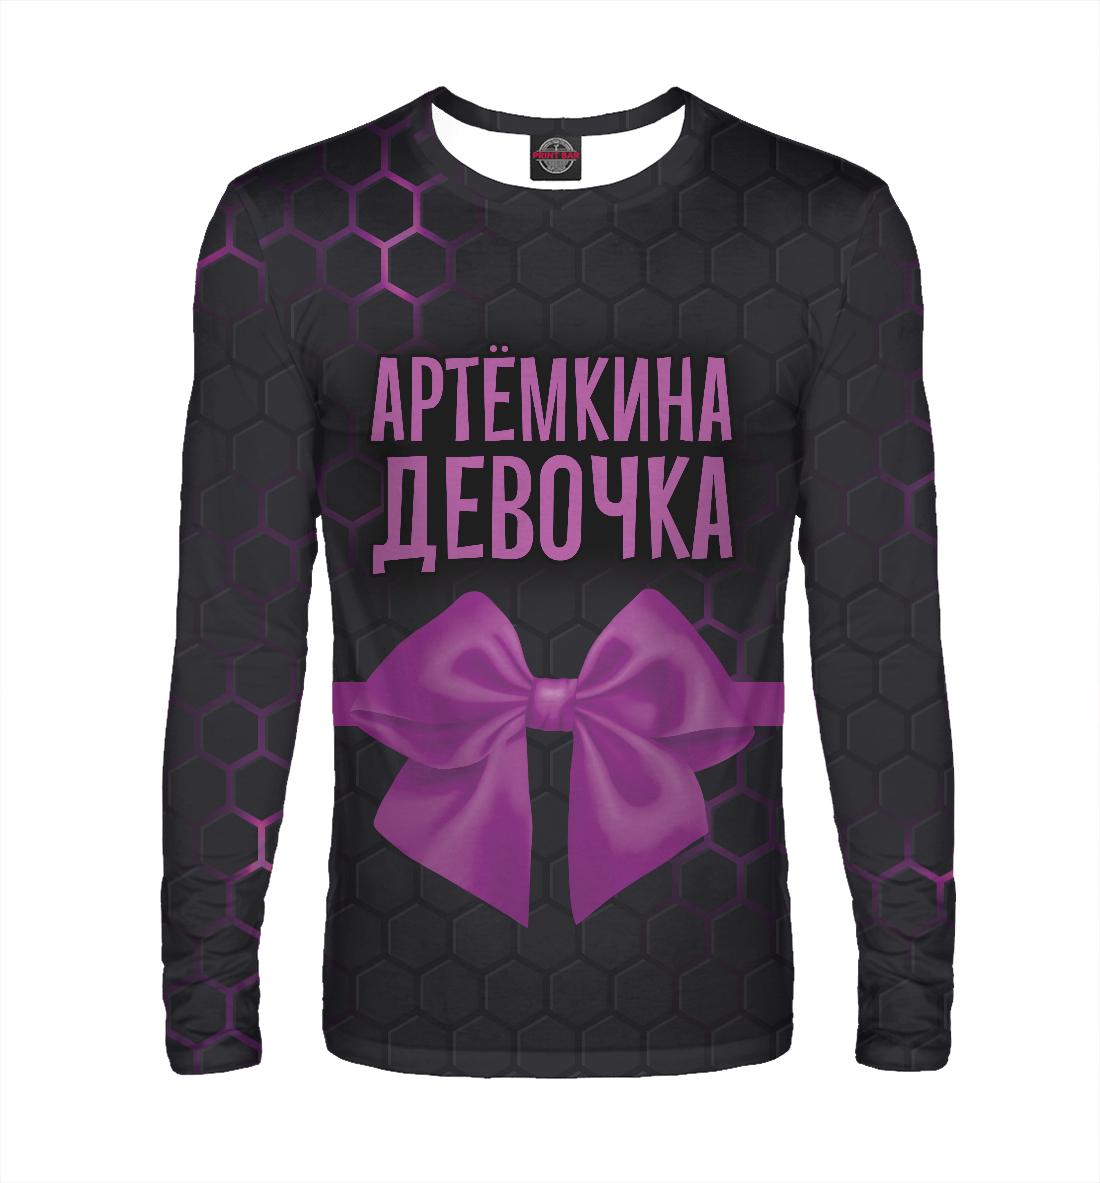 Лонгслив Артёмкина девочка